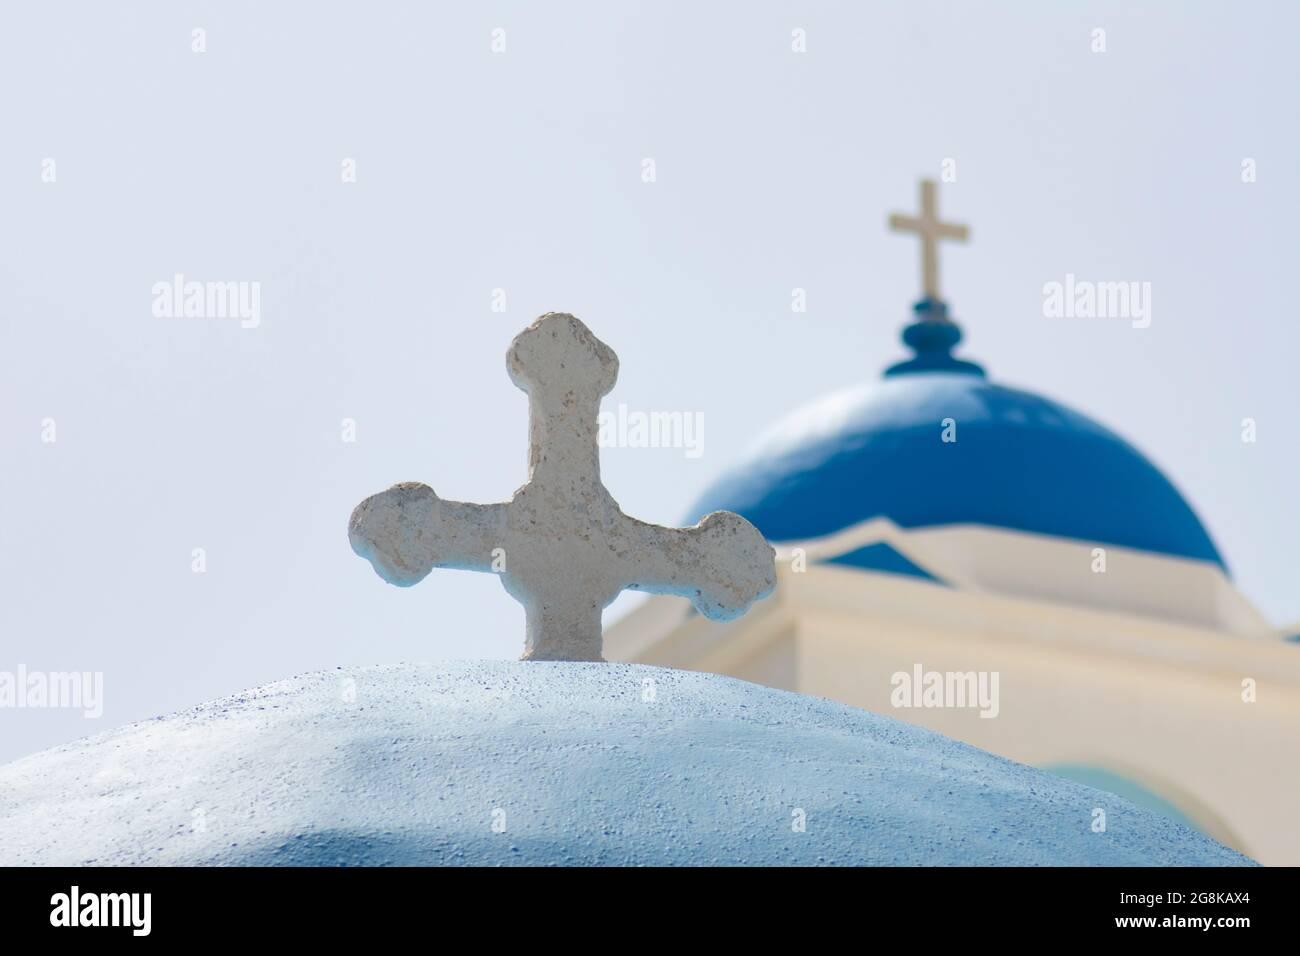 IOS Island Grèce traditionnelle église paysage aspect vue d'un gros plan des dômes bleus de deux élégantes anciennes chapelles flou arrière-plan fournit la copie Banque D'Images